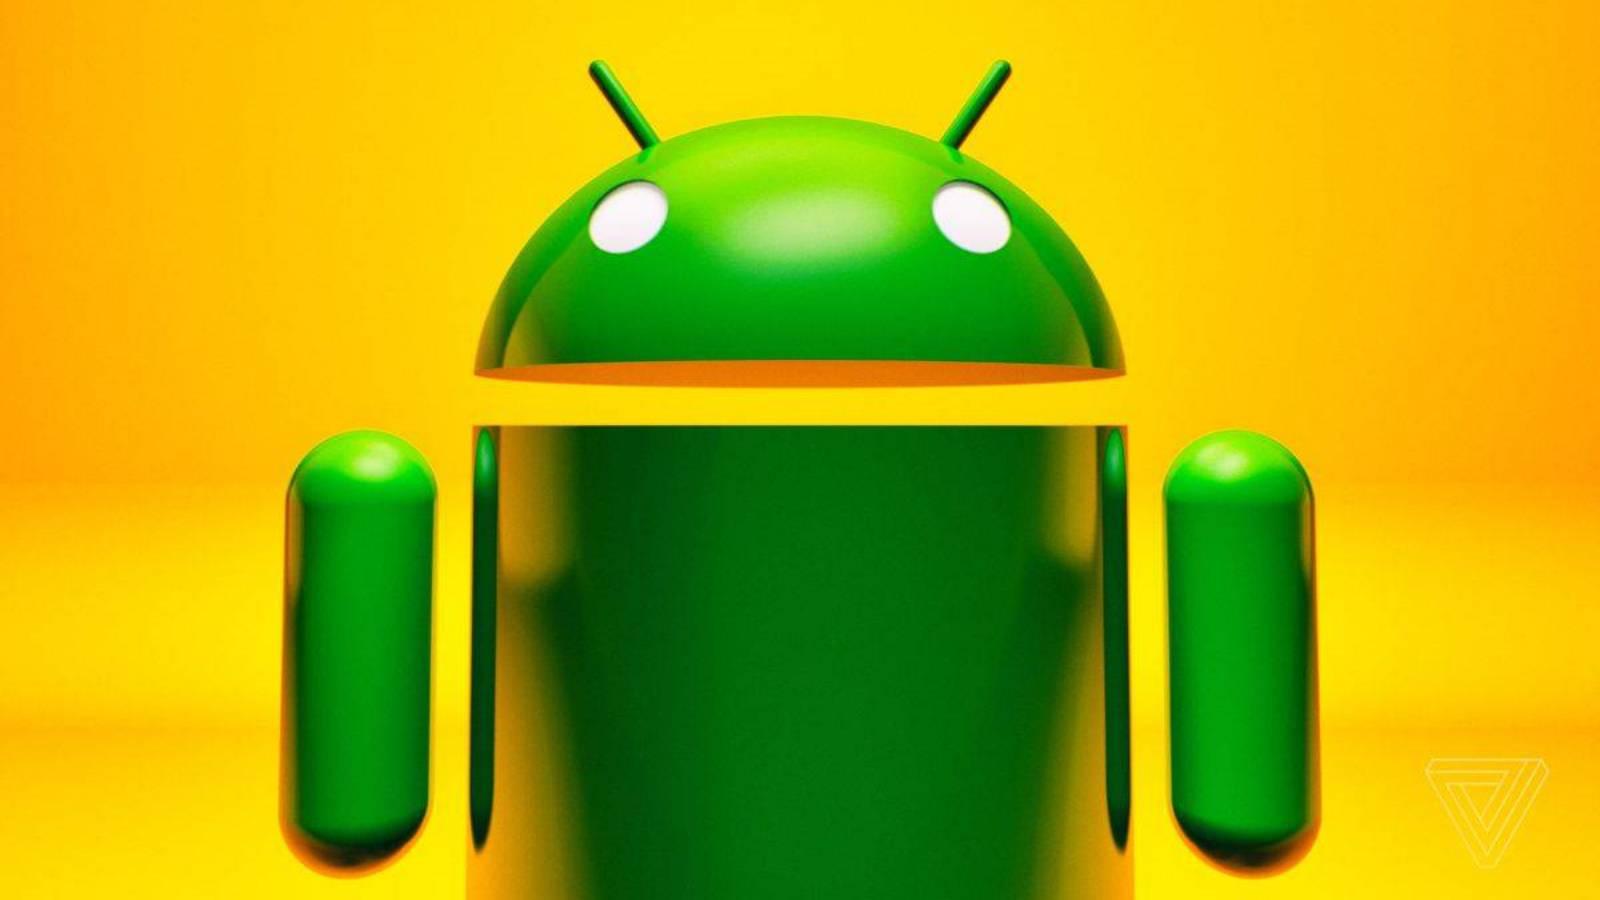 Android jucatori